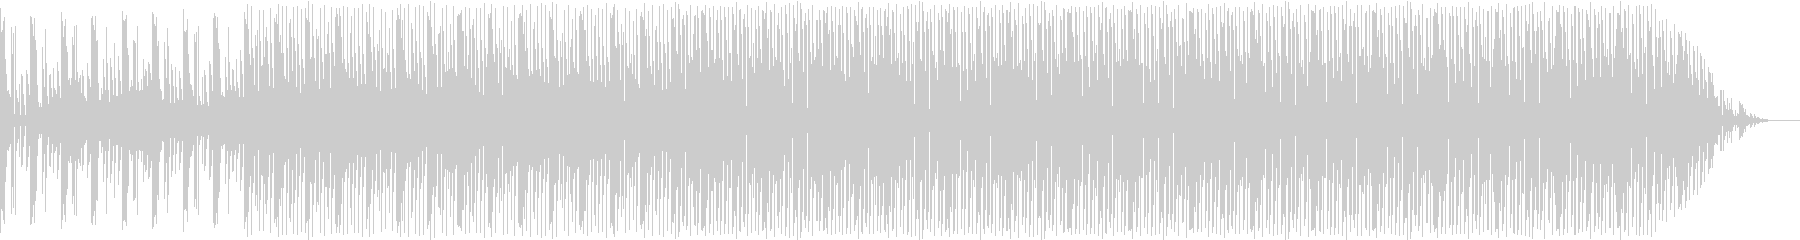 複雑なリズムの絡み合う曲の未再生の波形